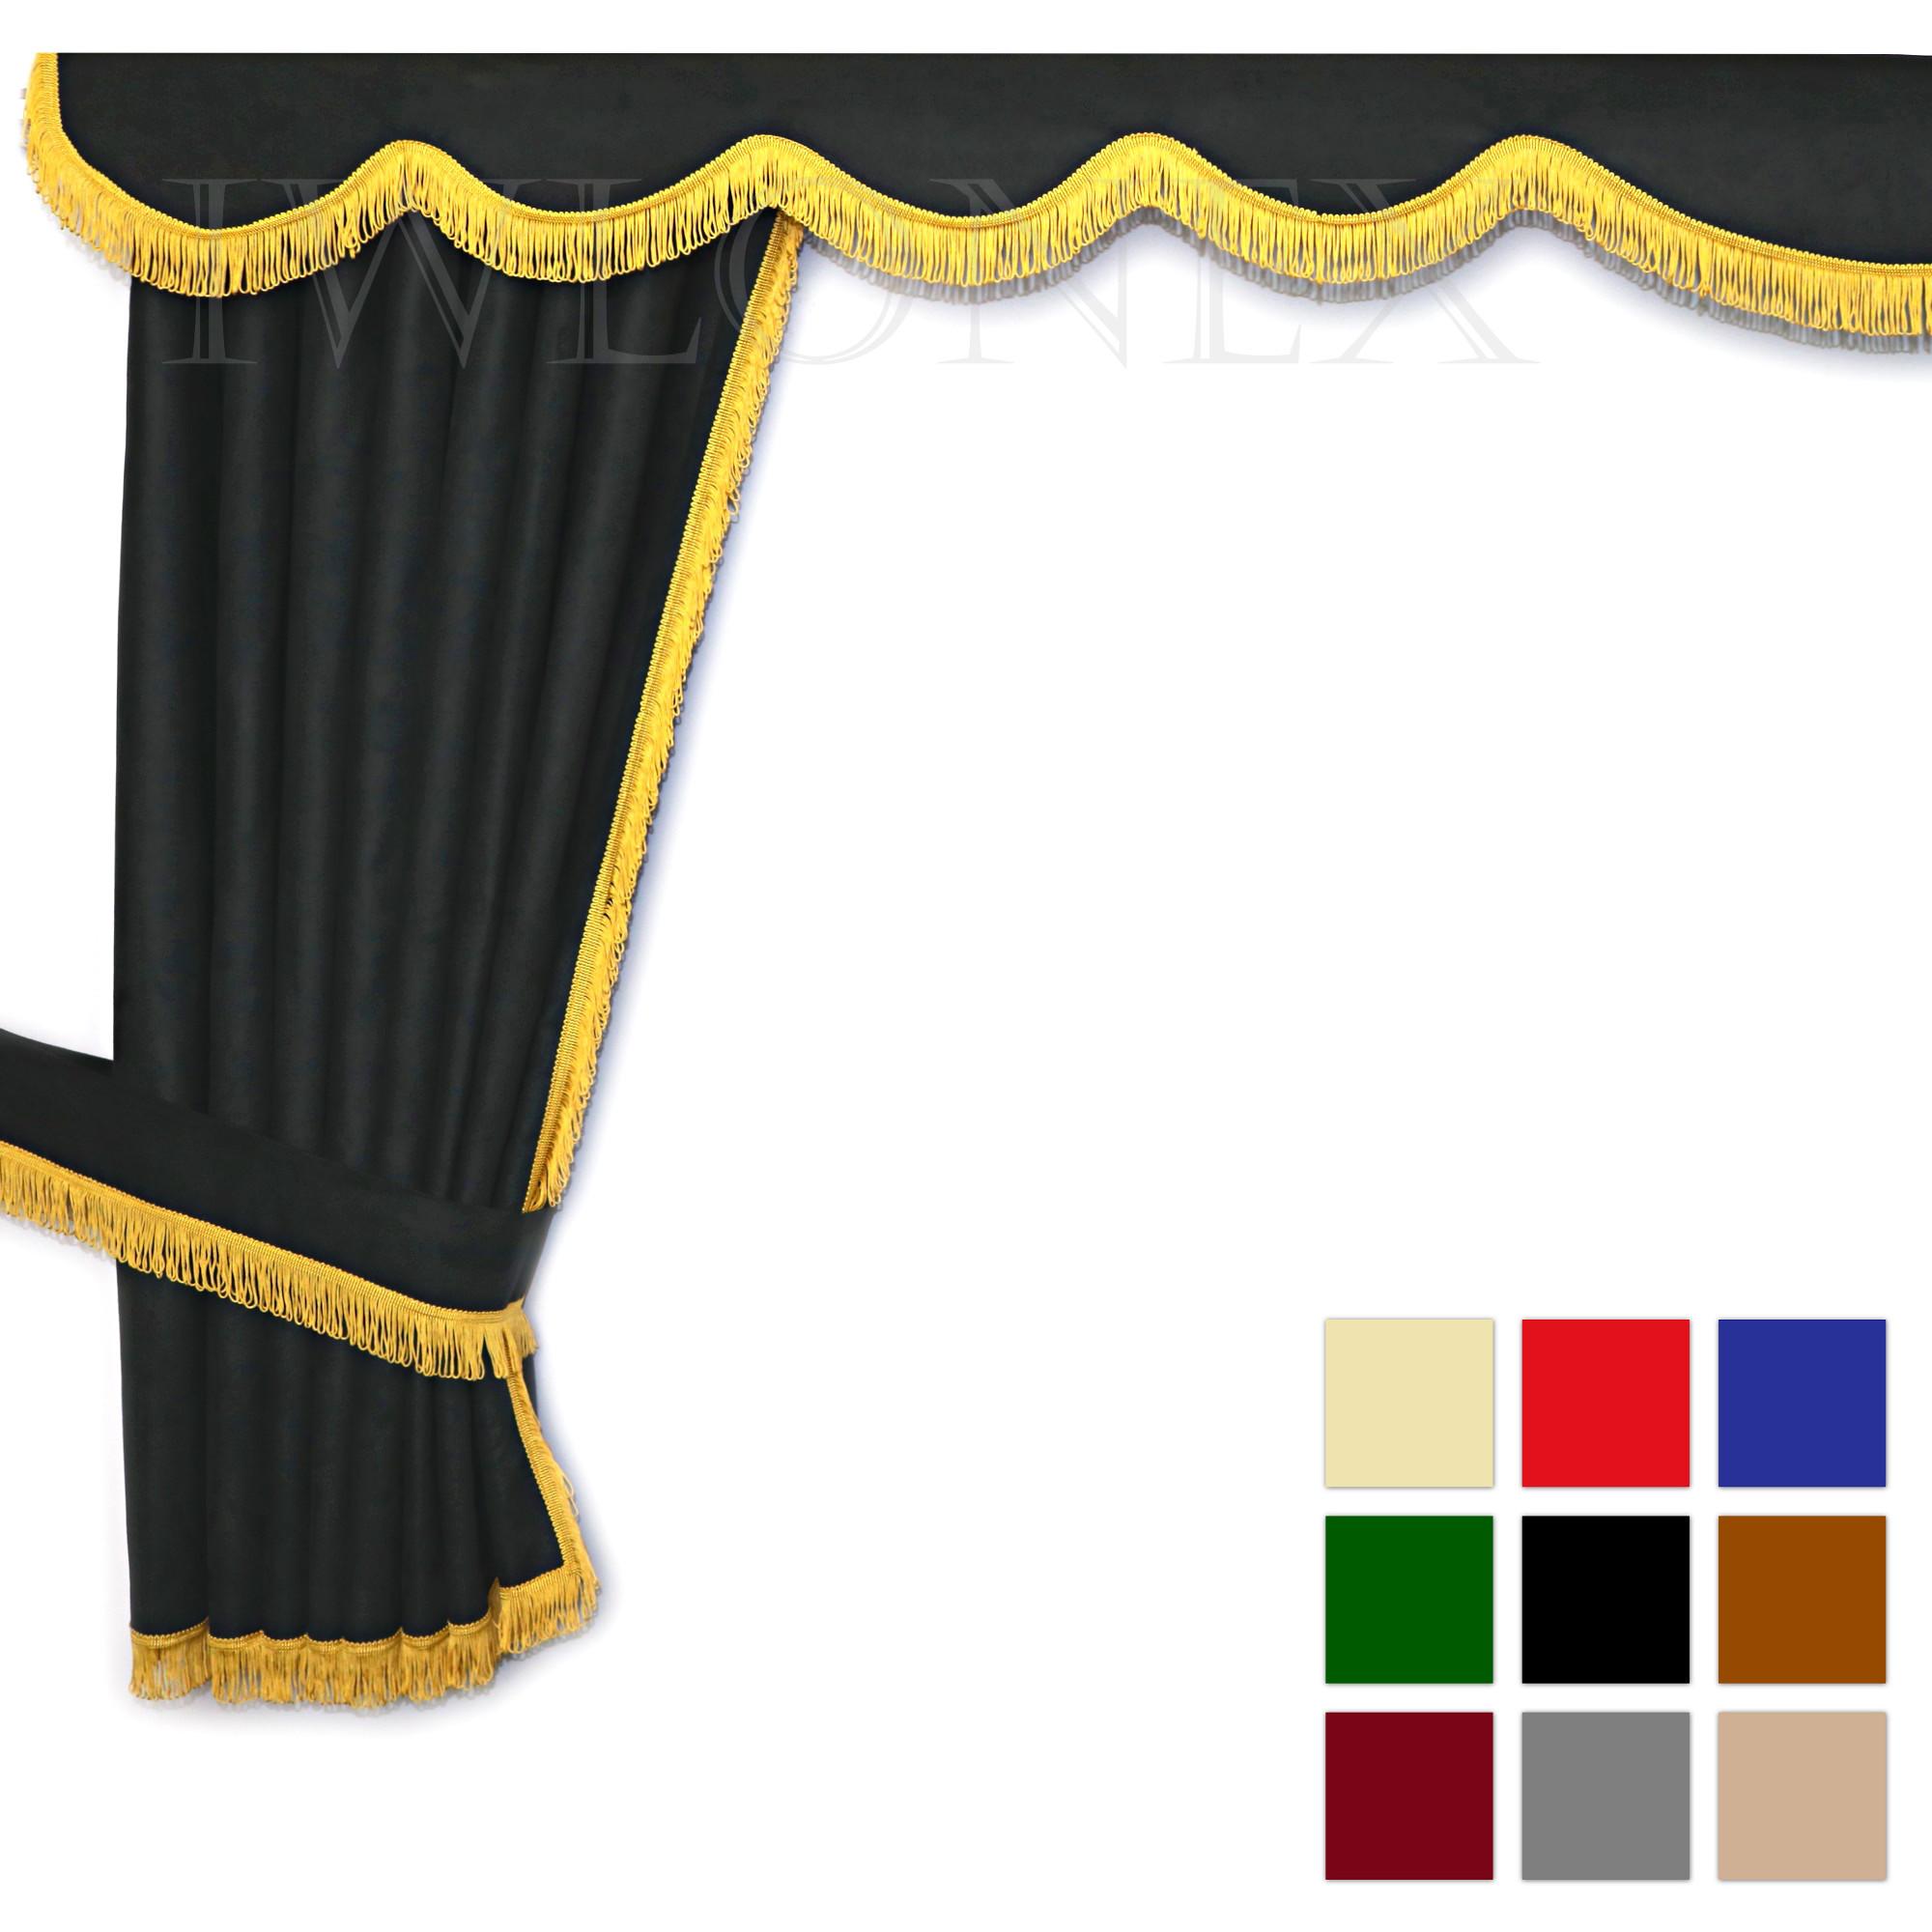 LKW Gardinen doppelt verarbeitet mit Schlaufen 1 IWLONEX main ok - LKW Gardinen 5-teilig Set + Haken + Klett-Klebeband - deine Farben